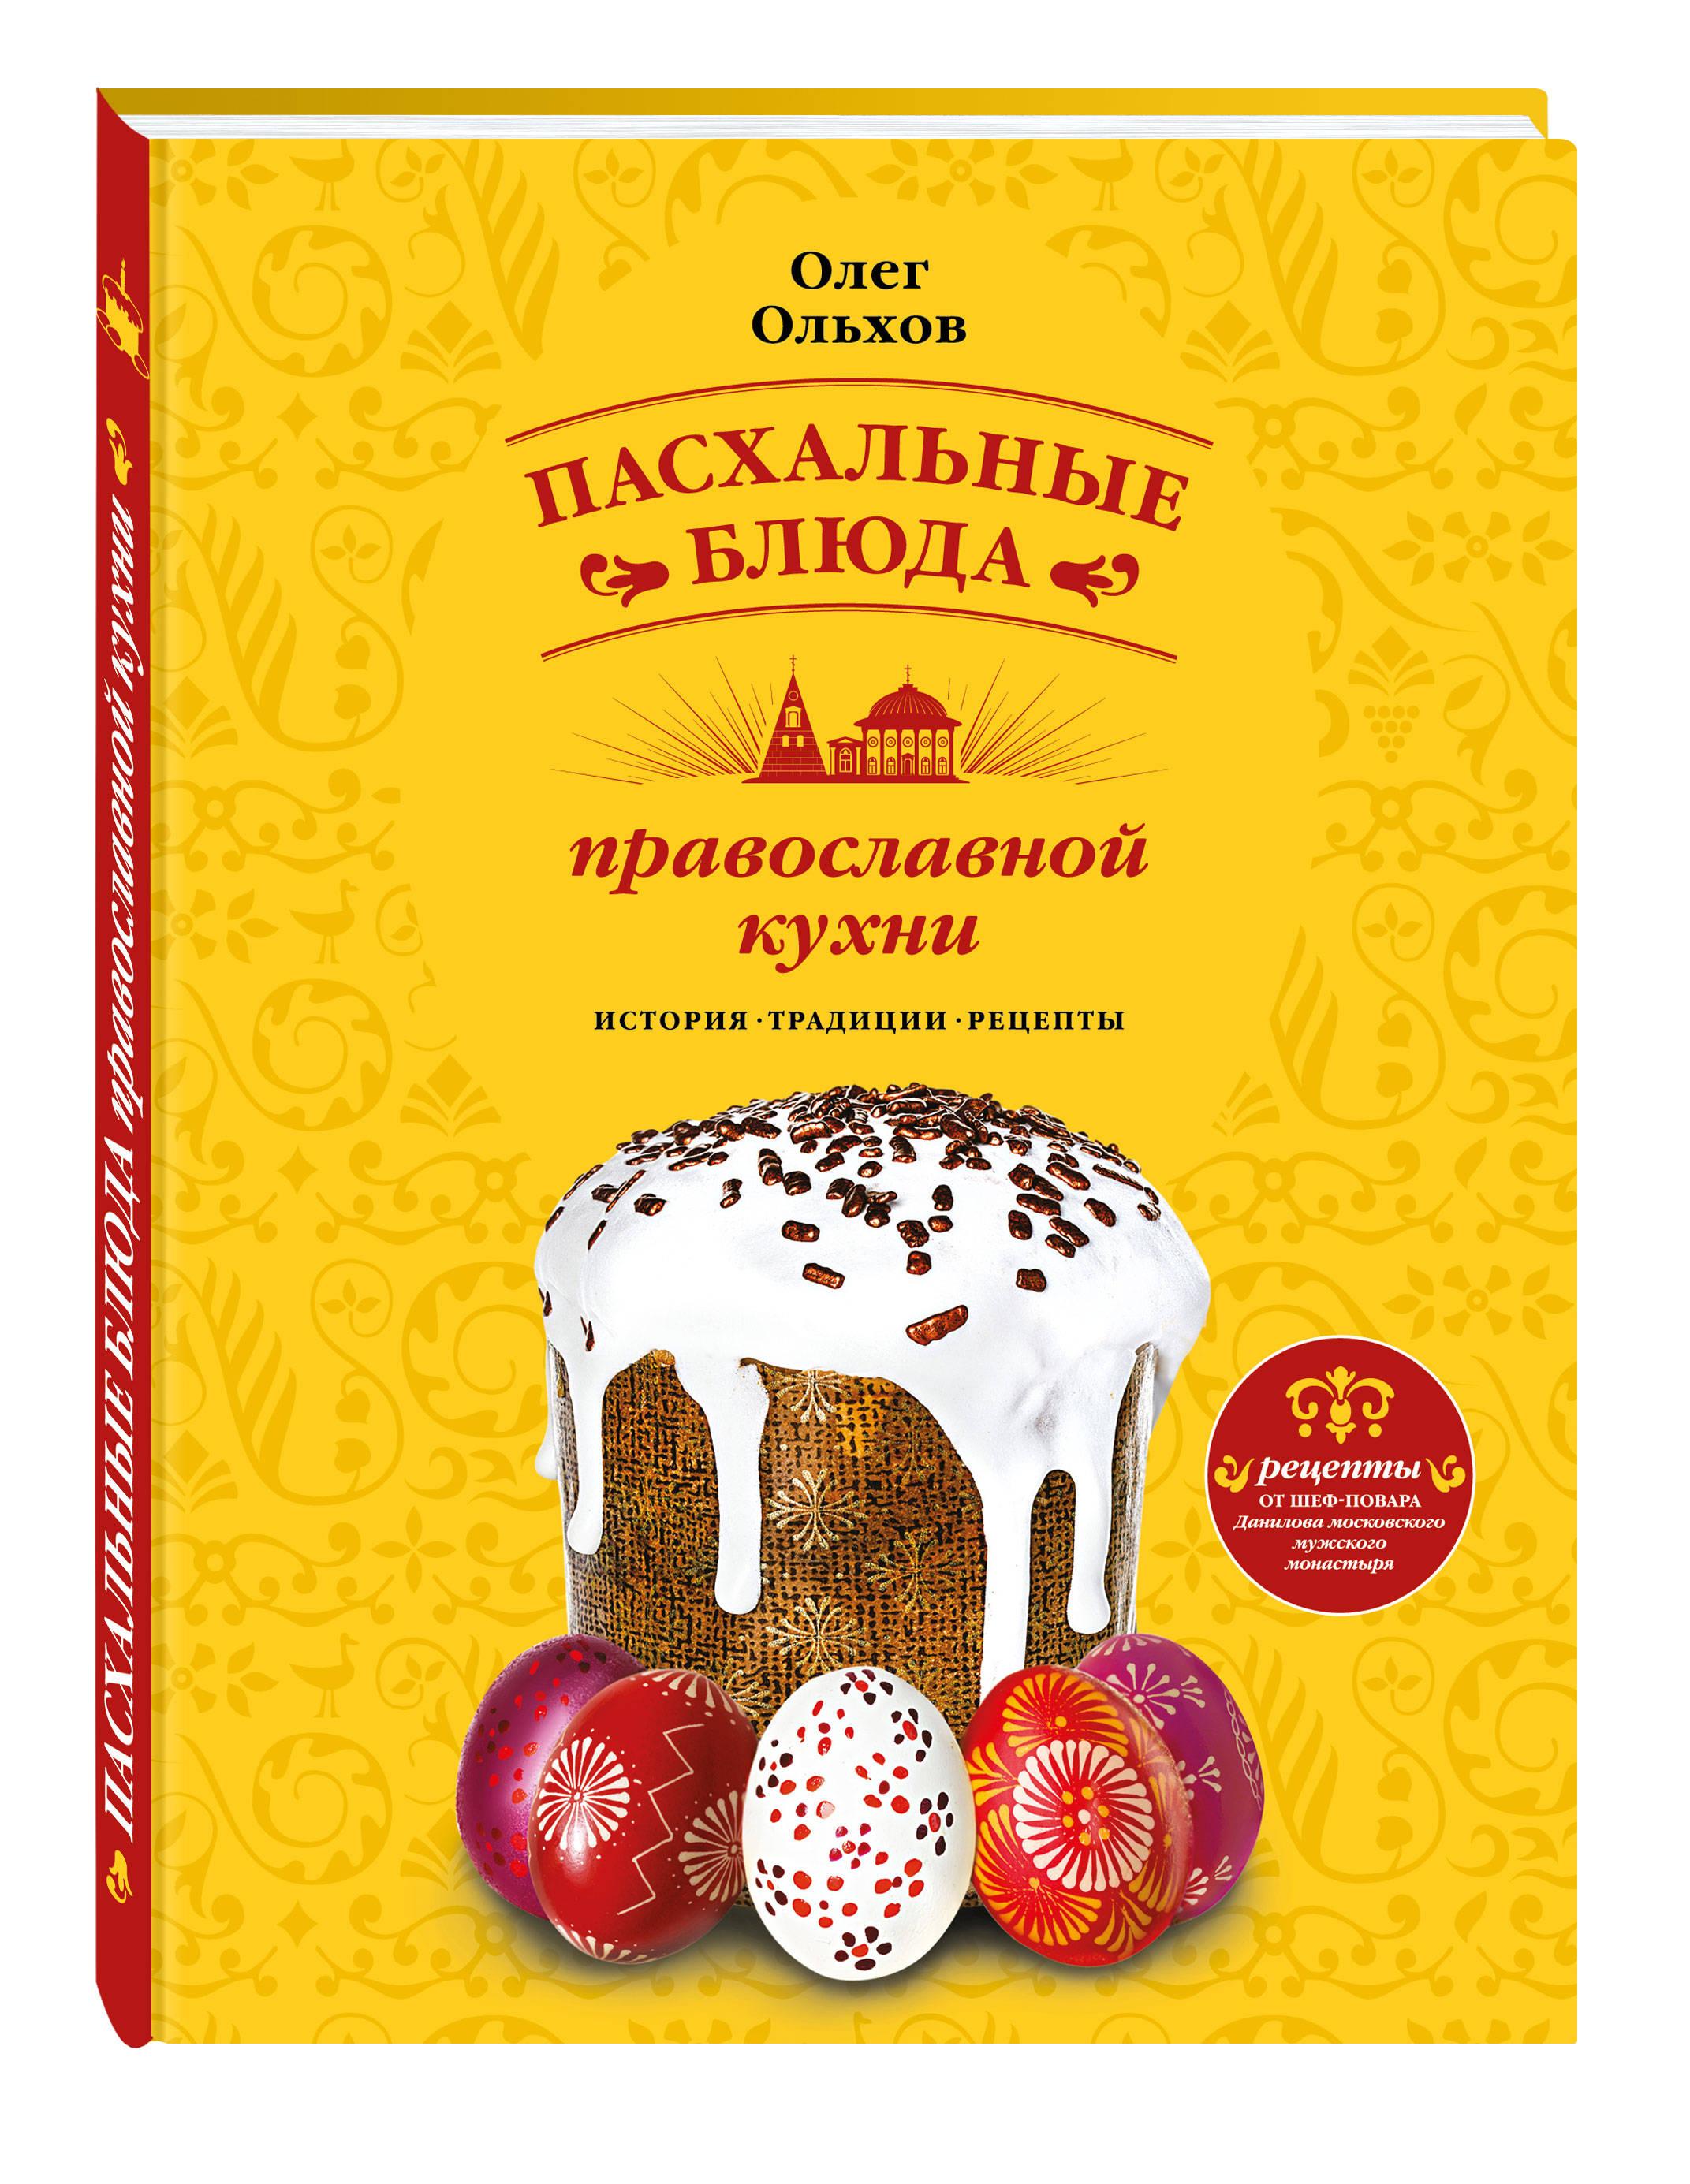 Ольхов О. Пасхальные блюда православной кухни ольхов о праздничные блюда на вашем столе